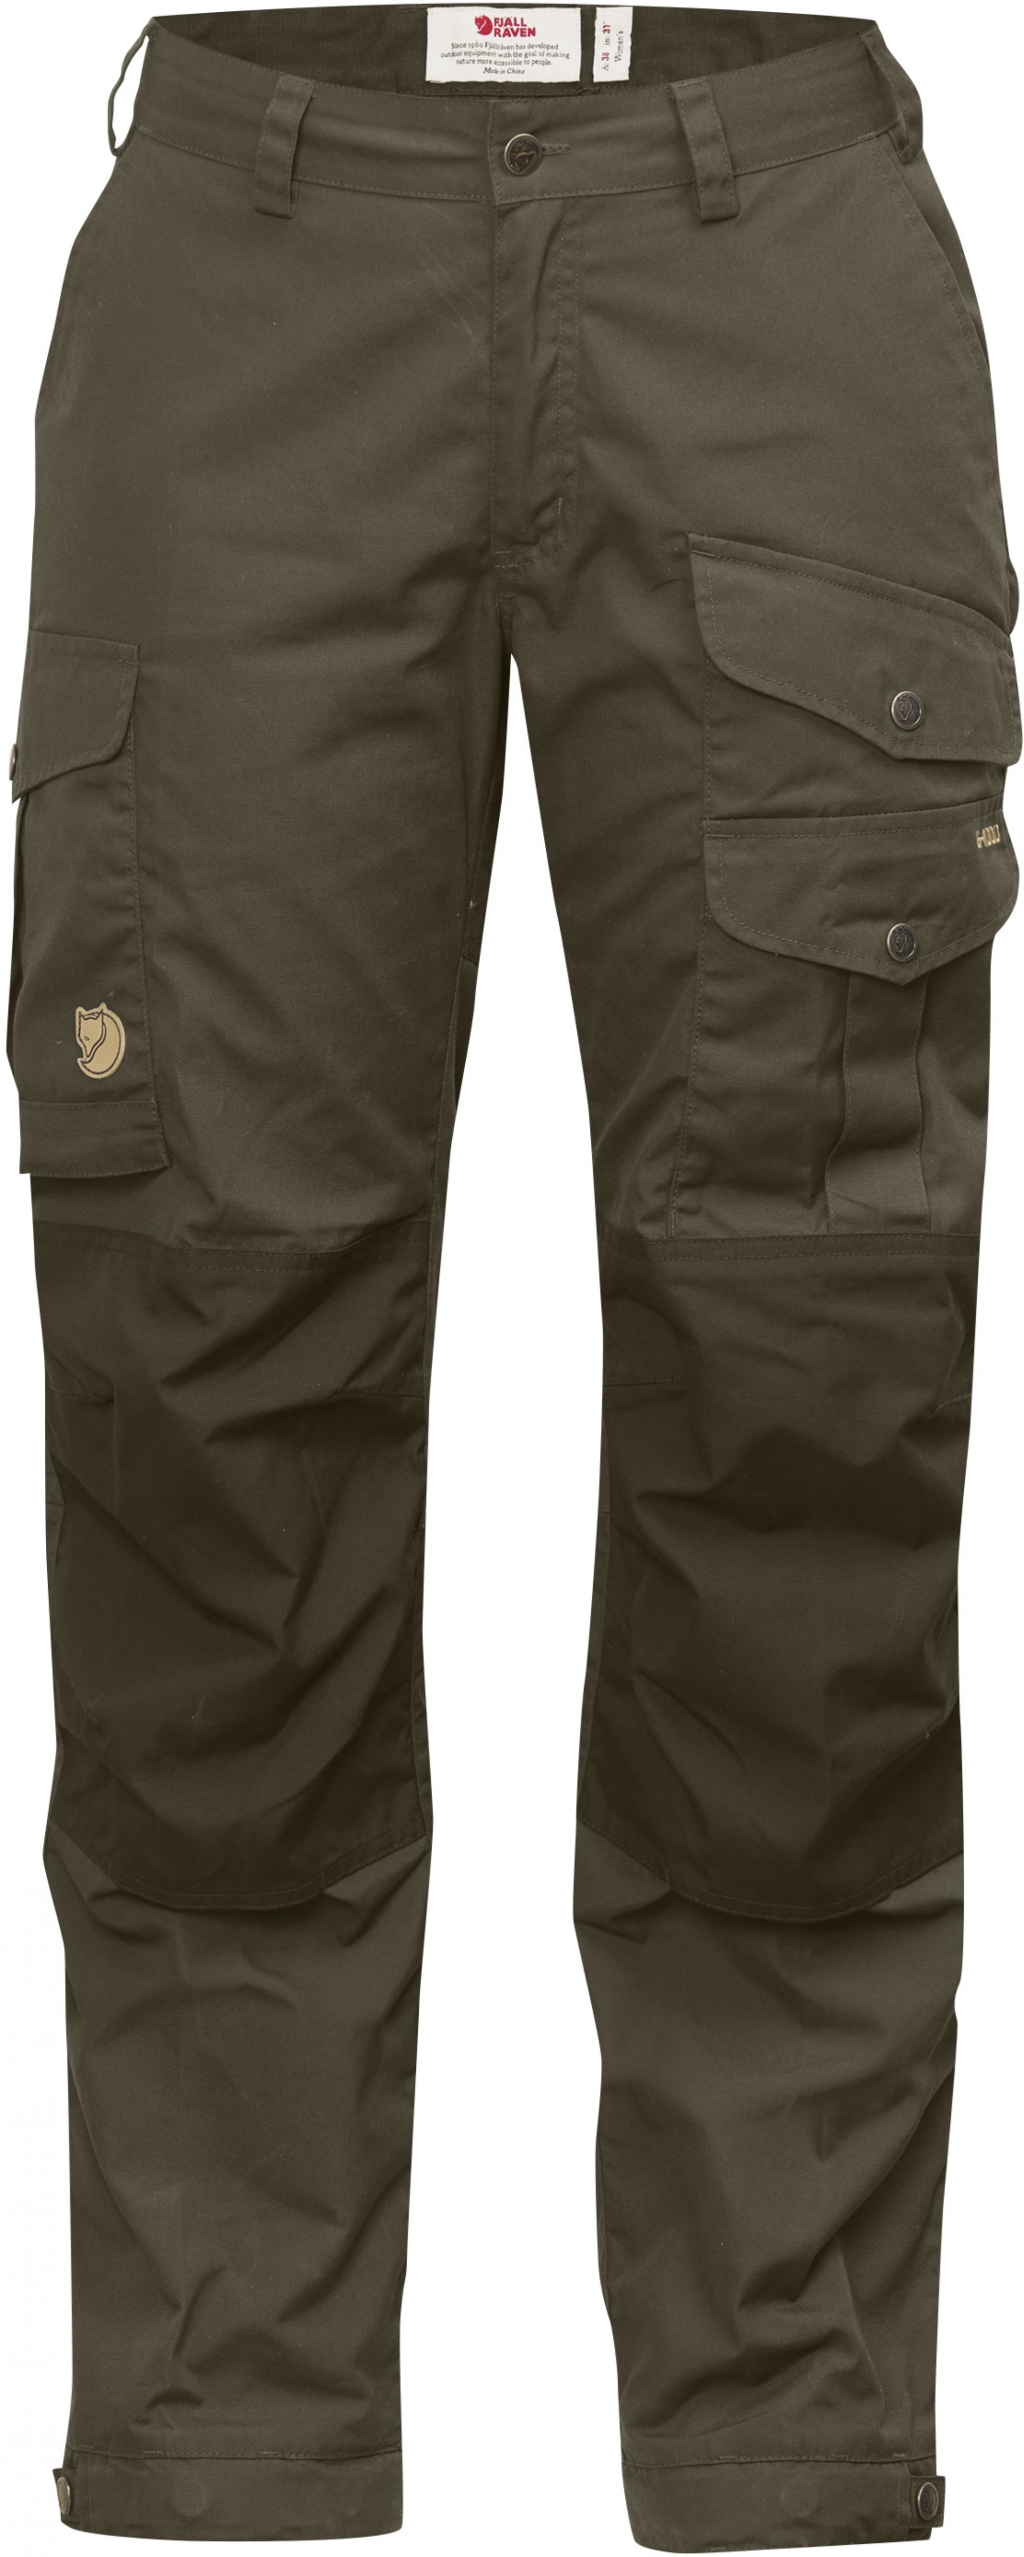 FjallRaven Vidda Pro Trousers Curved W Tarmac-30